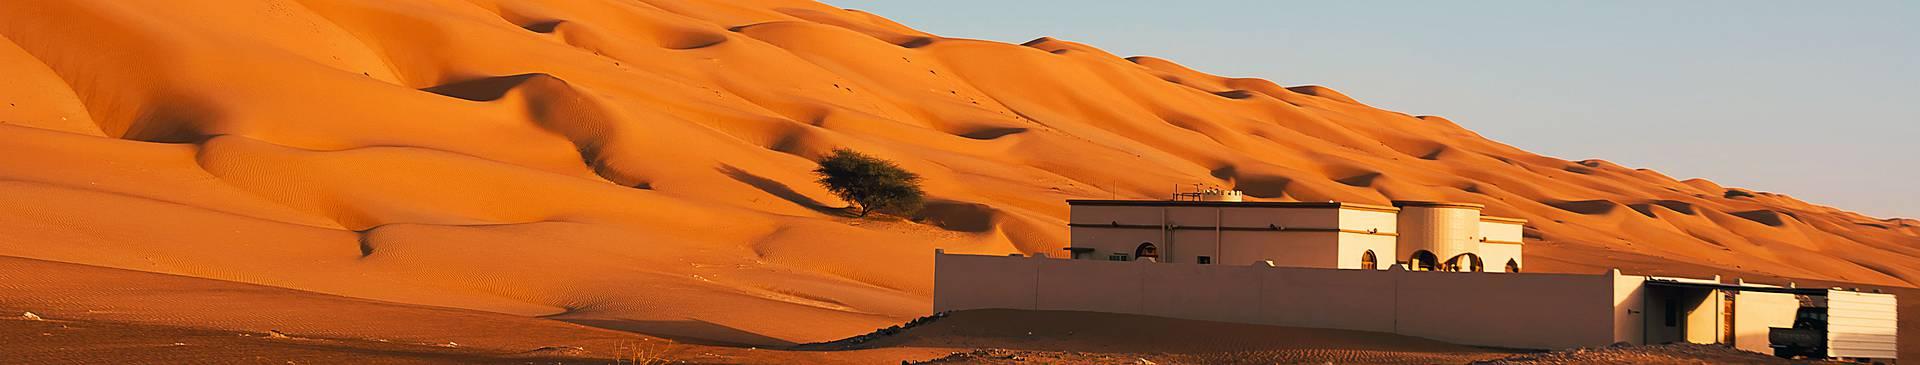 Viaggi nel deserto in Oman